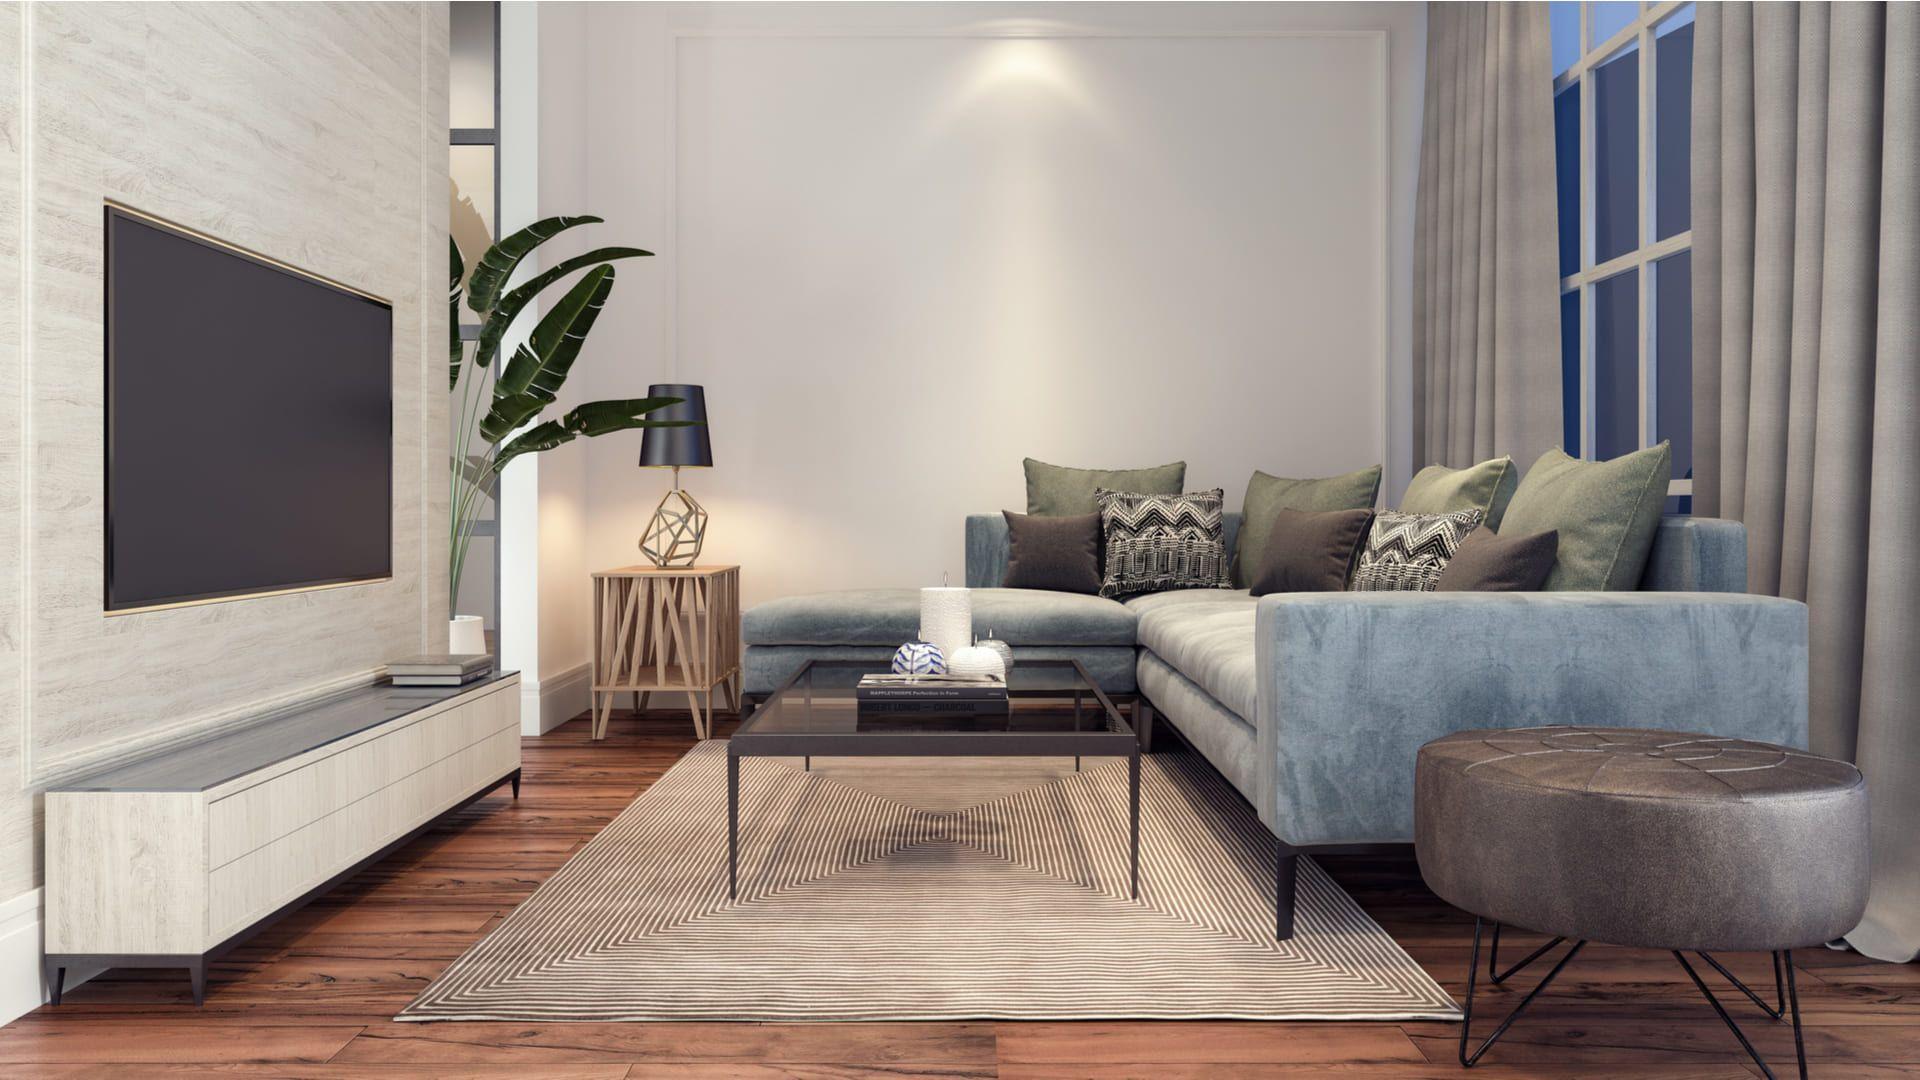 Para escolher um painel de TV é importante respeitar o estilo da sua sala! (Imagem: Reprodução/Shutterstock)